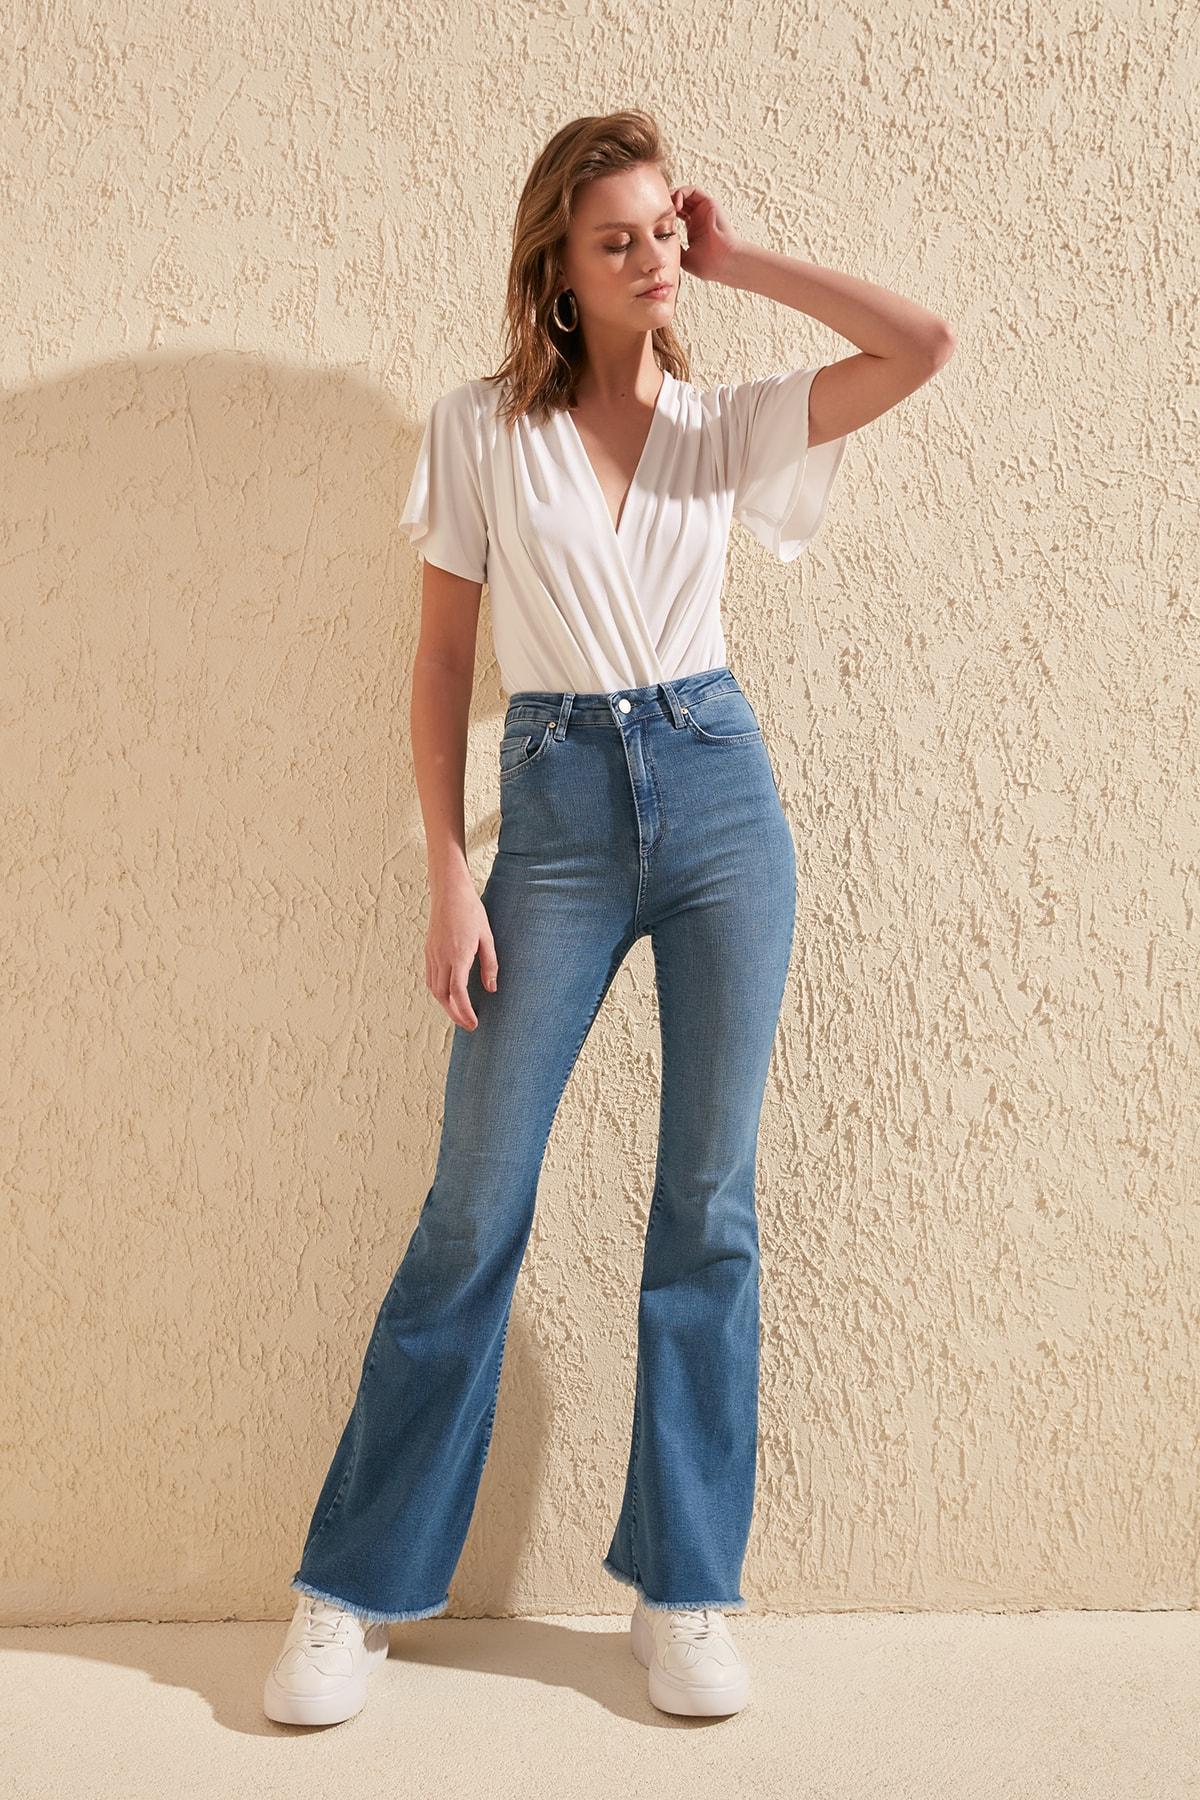 Trendyol Pettitoes Tassels High Waist Flare Jeans TWOSS20JE0150